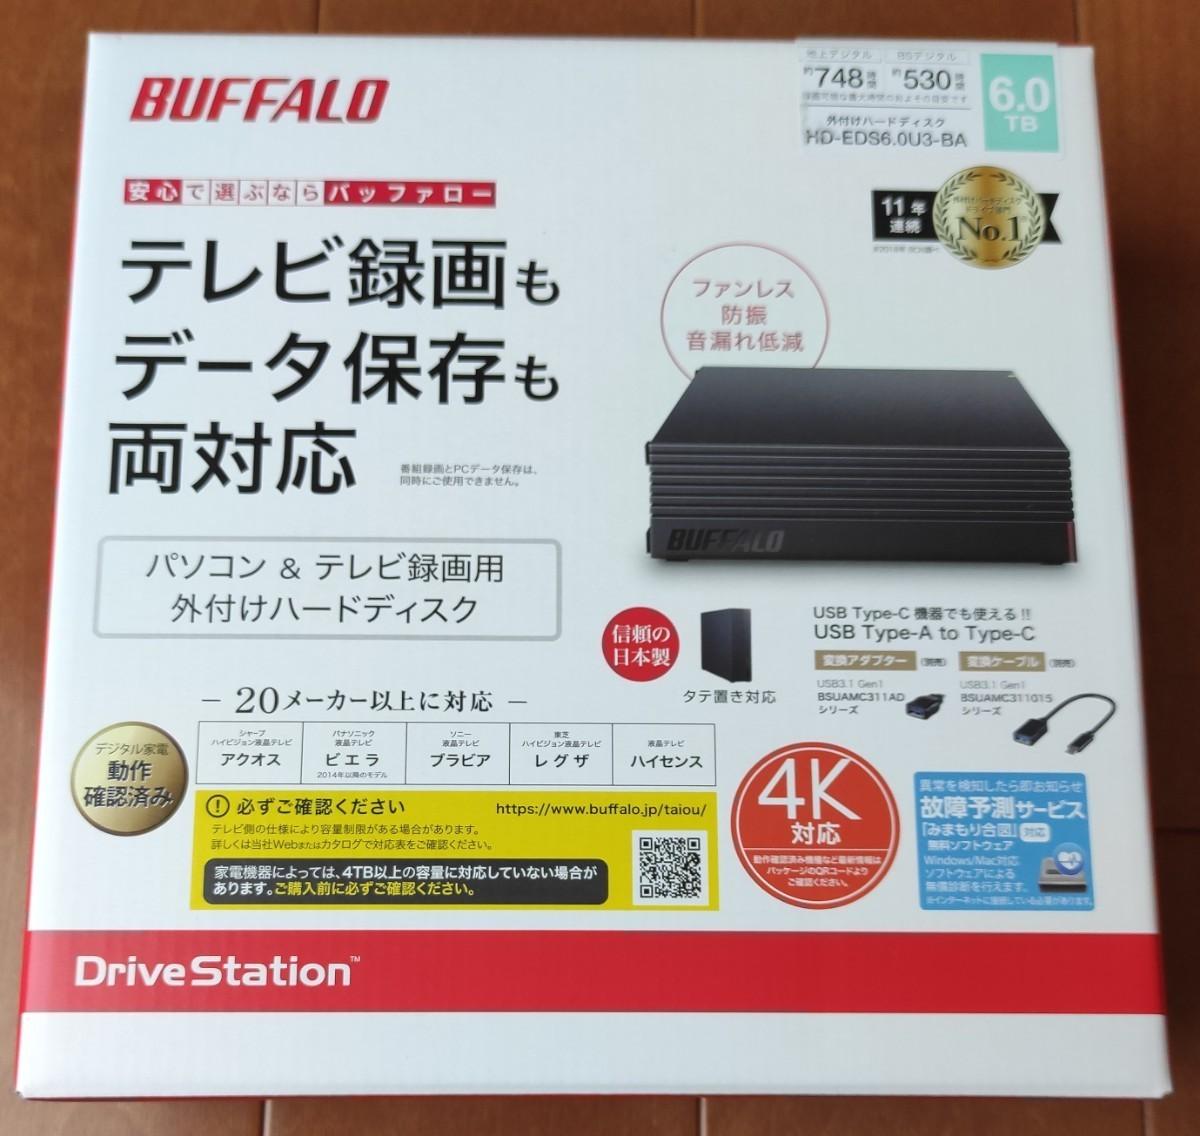 新品未開封品 6TB 外付けHDD 外付けハードディスク BUFFALO バッファロー